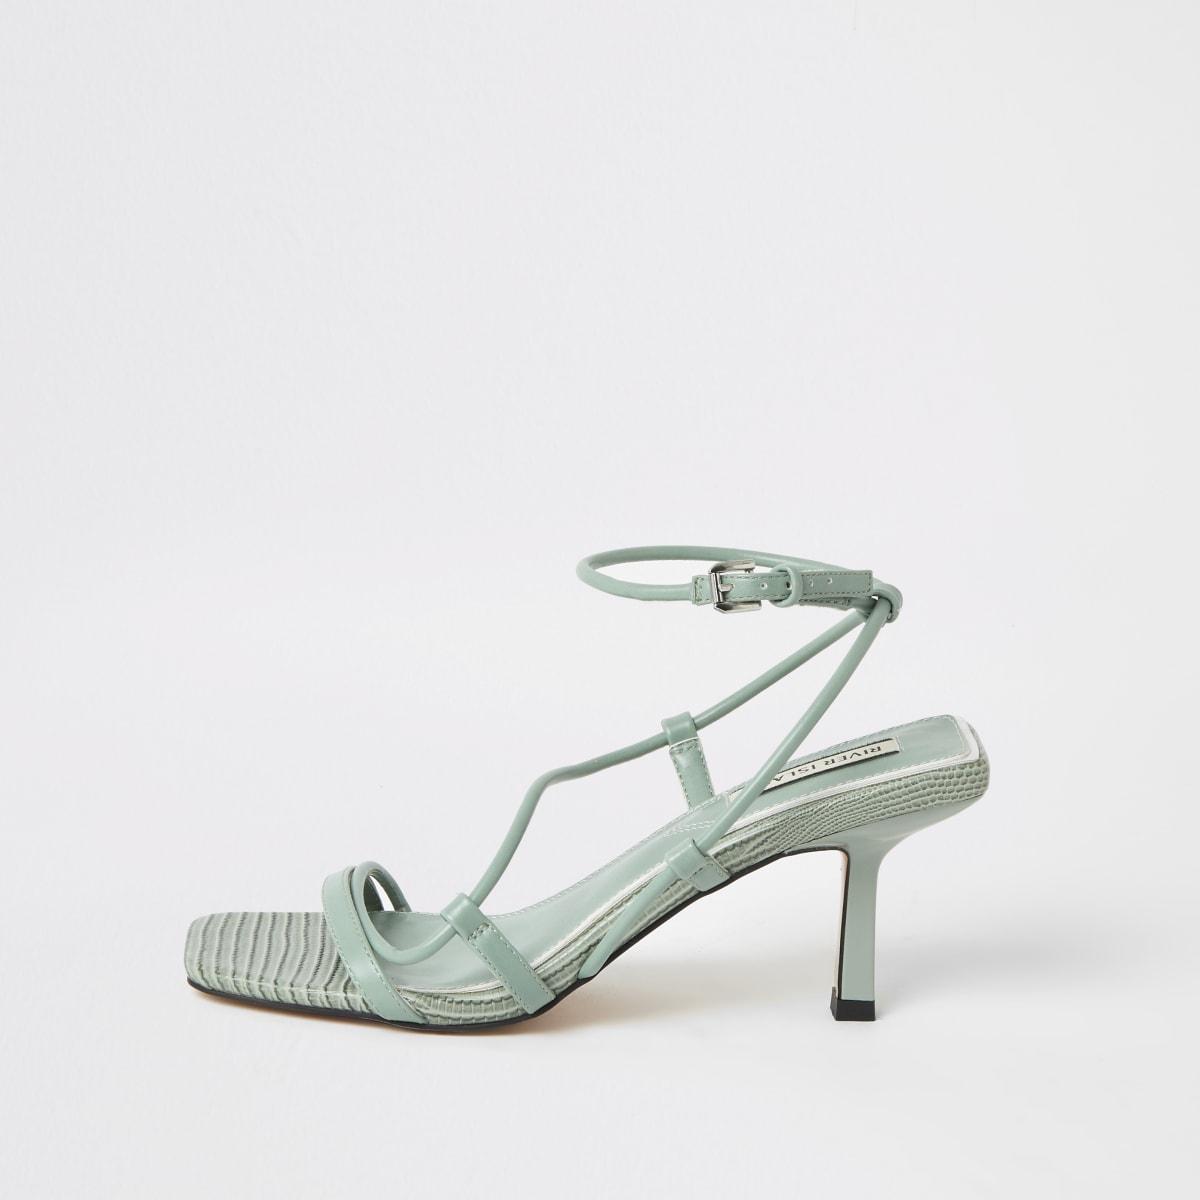 Grüne, vorne quadratische Sandalen mit mittelhohem Absatz